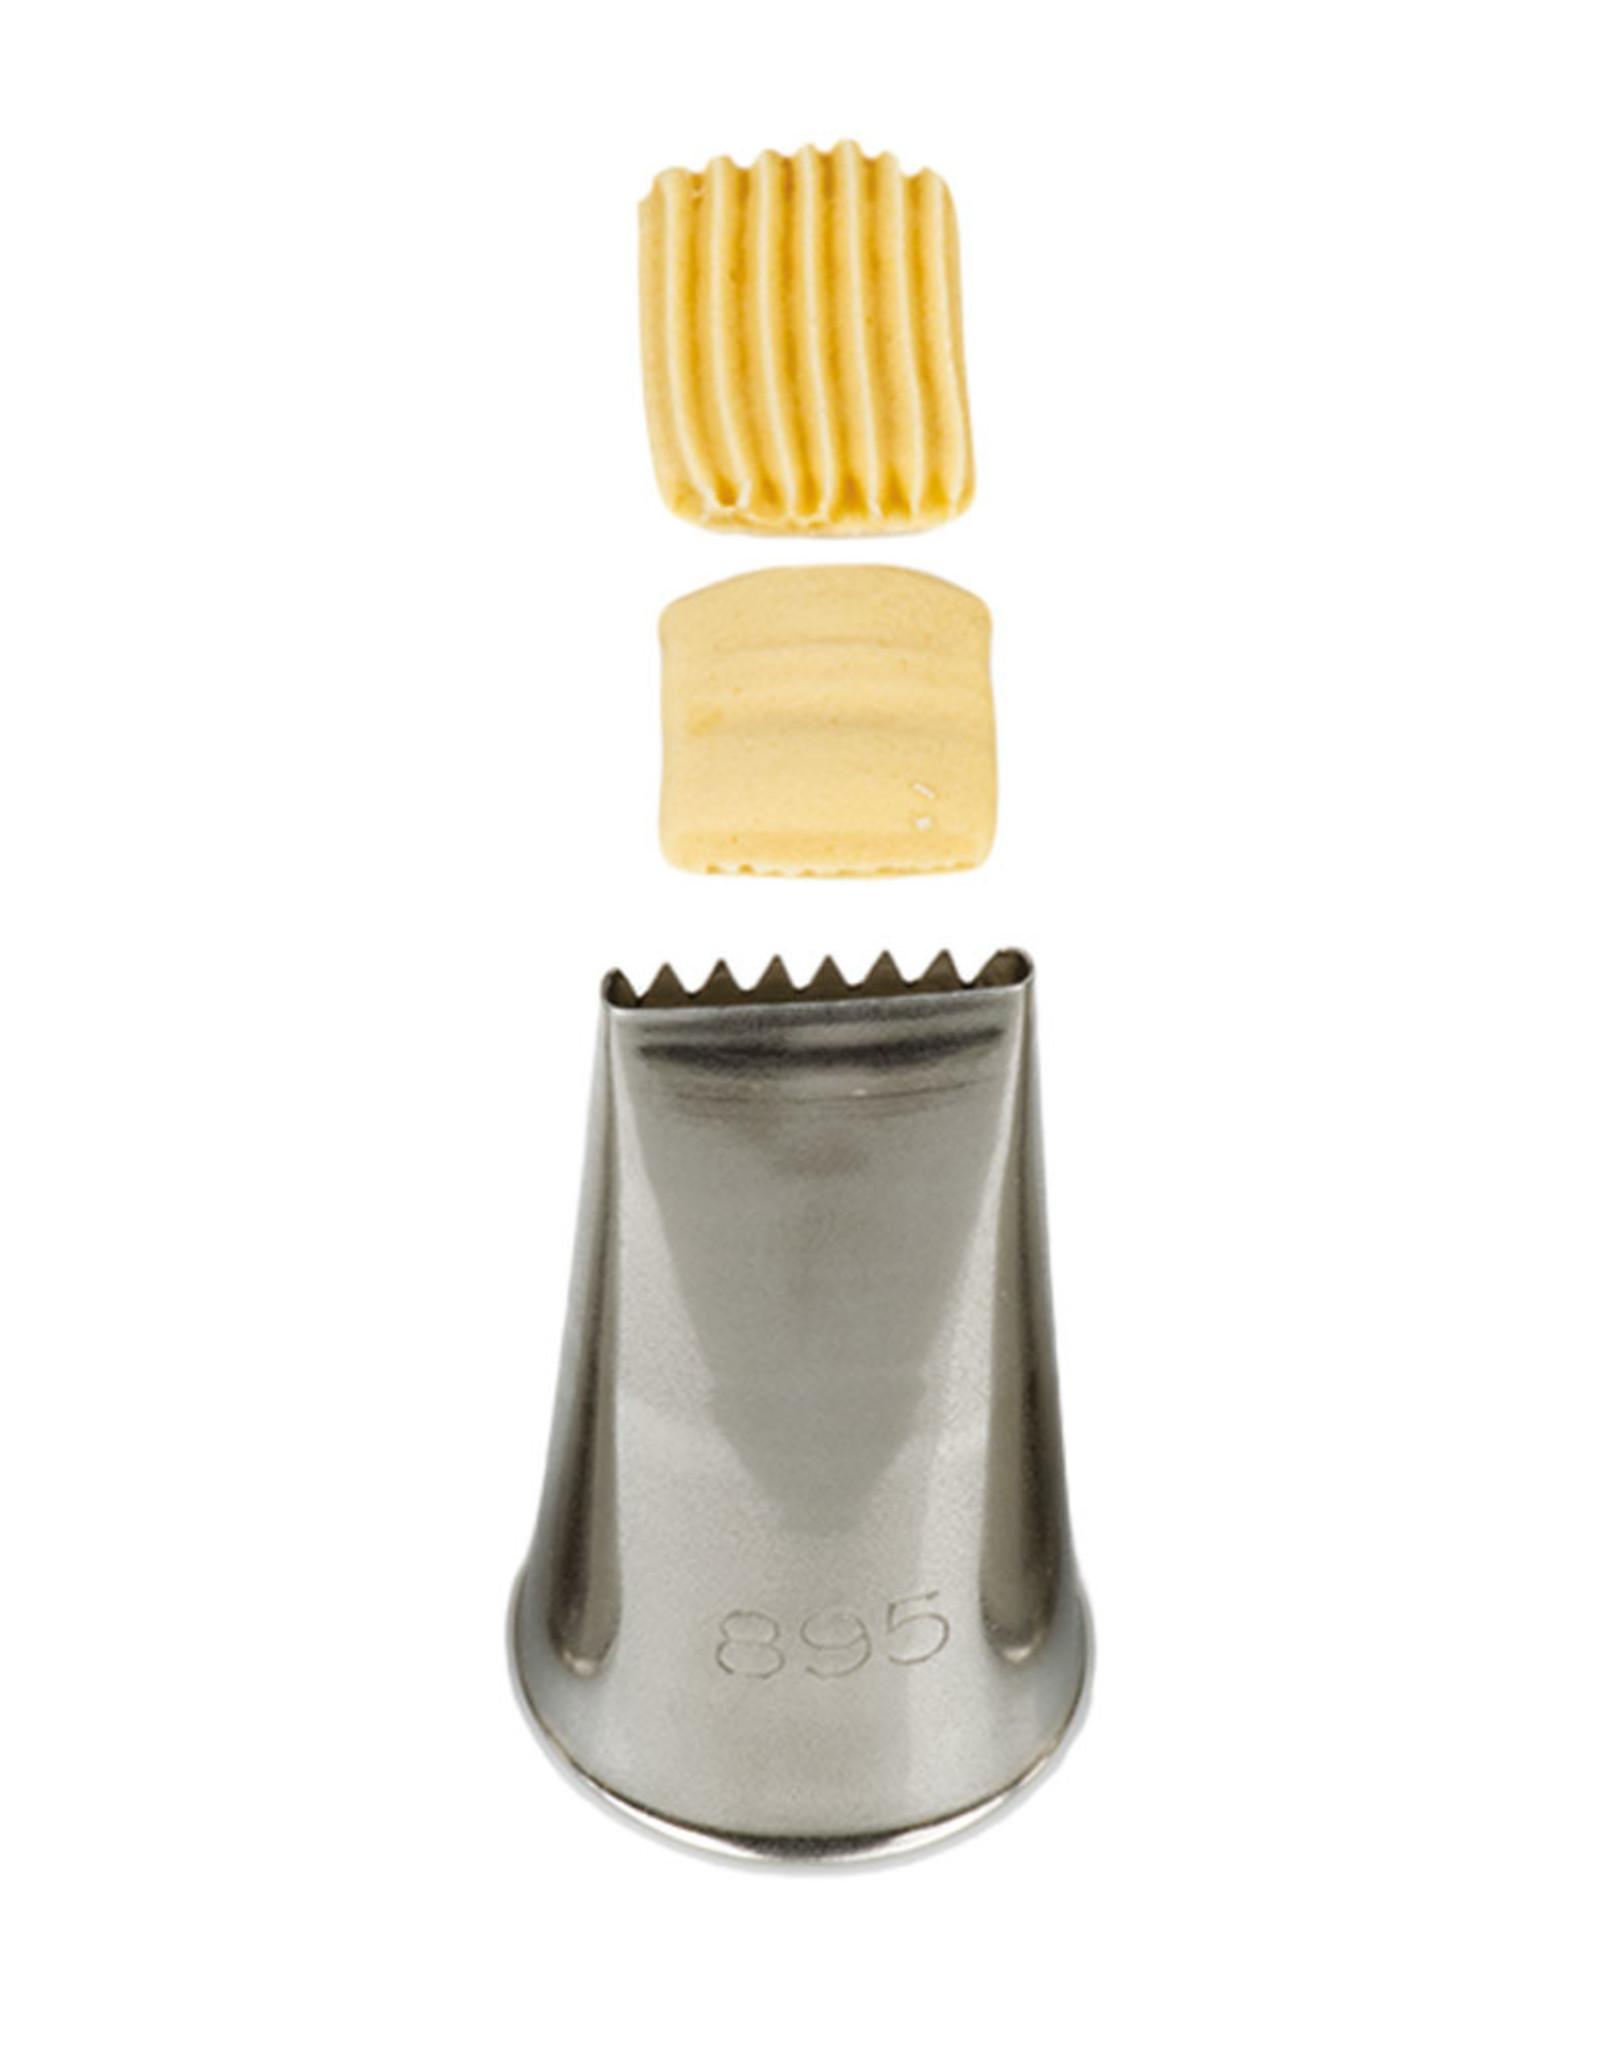 Decora Decora Piping Nozzle 895/2B